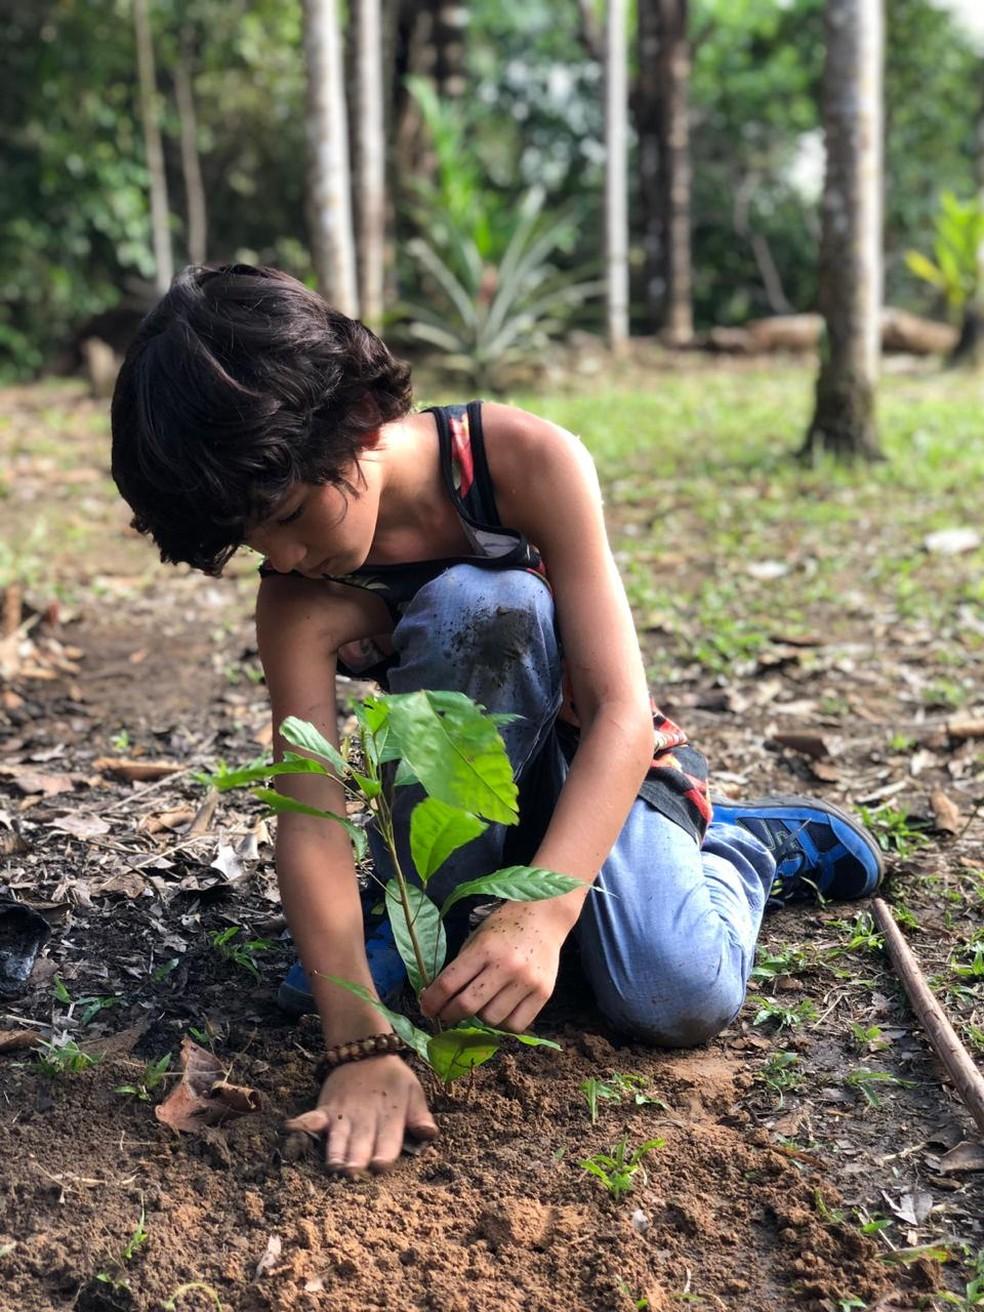 Filho de Danni Suzuki,  Kauai, já aprendeu sobre a preservação do meio ambiente  — Foto: Arquivo Pessoal